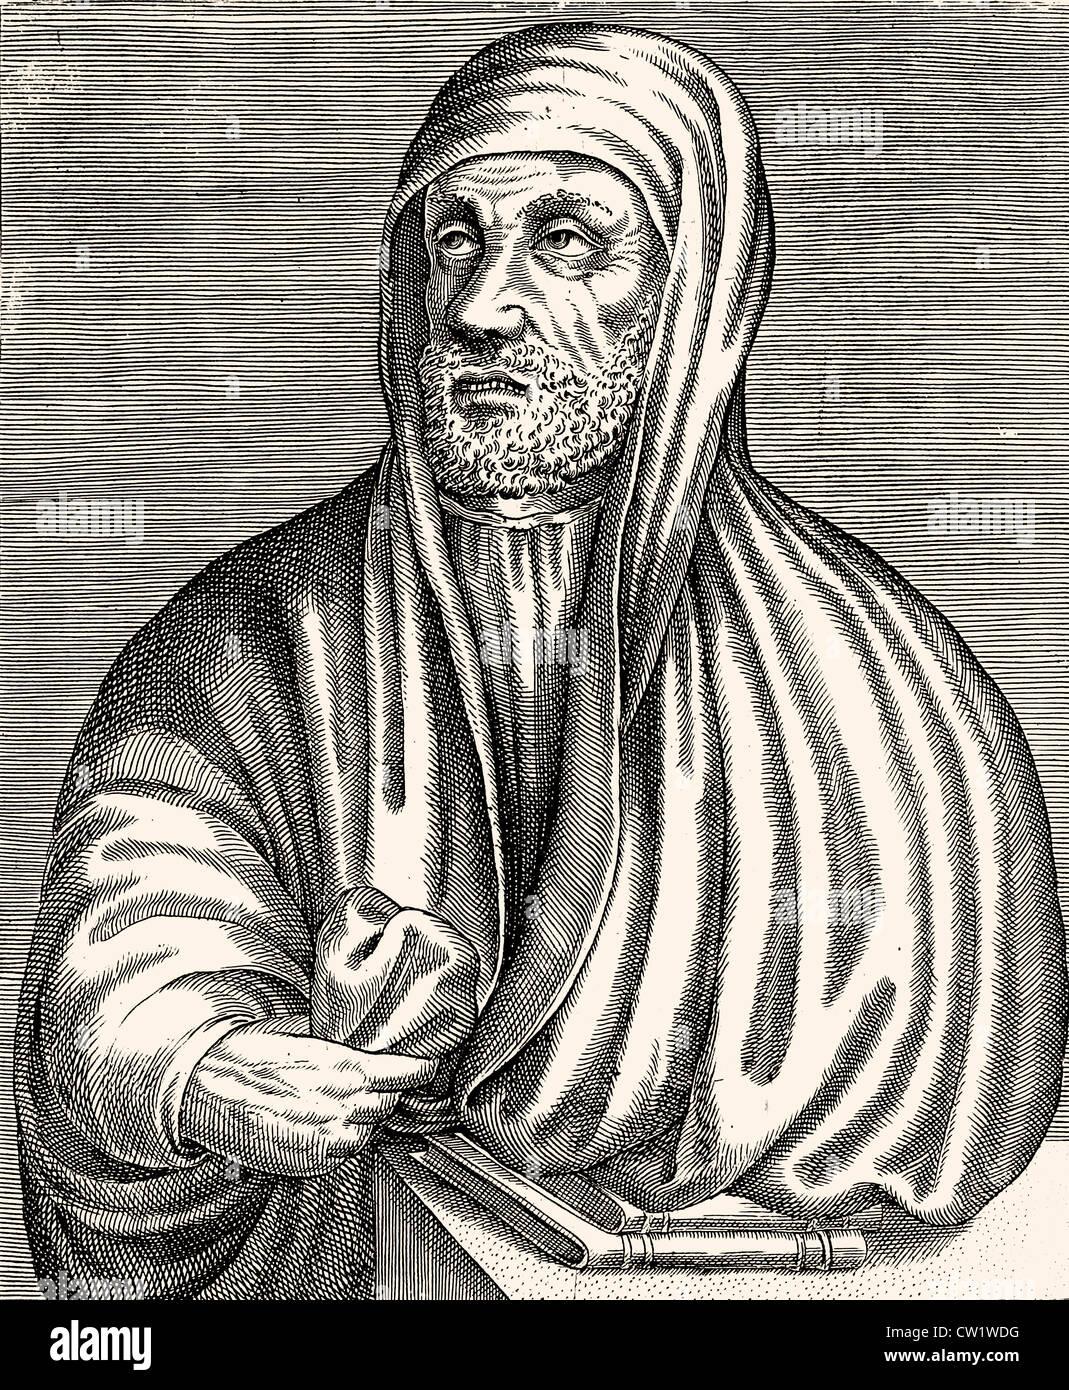 Abu- Ali- al-Husayn ibn Abdullah ibn Si-na- - Stock Image